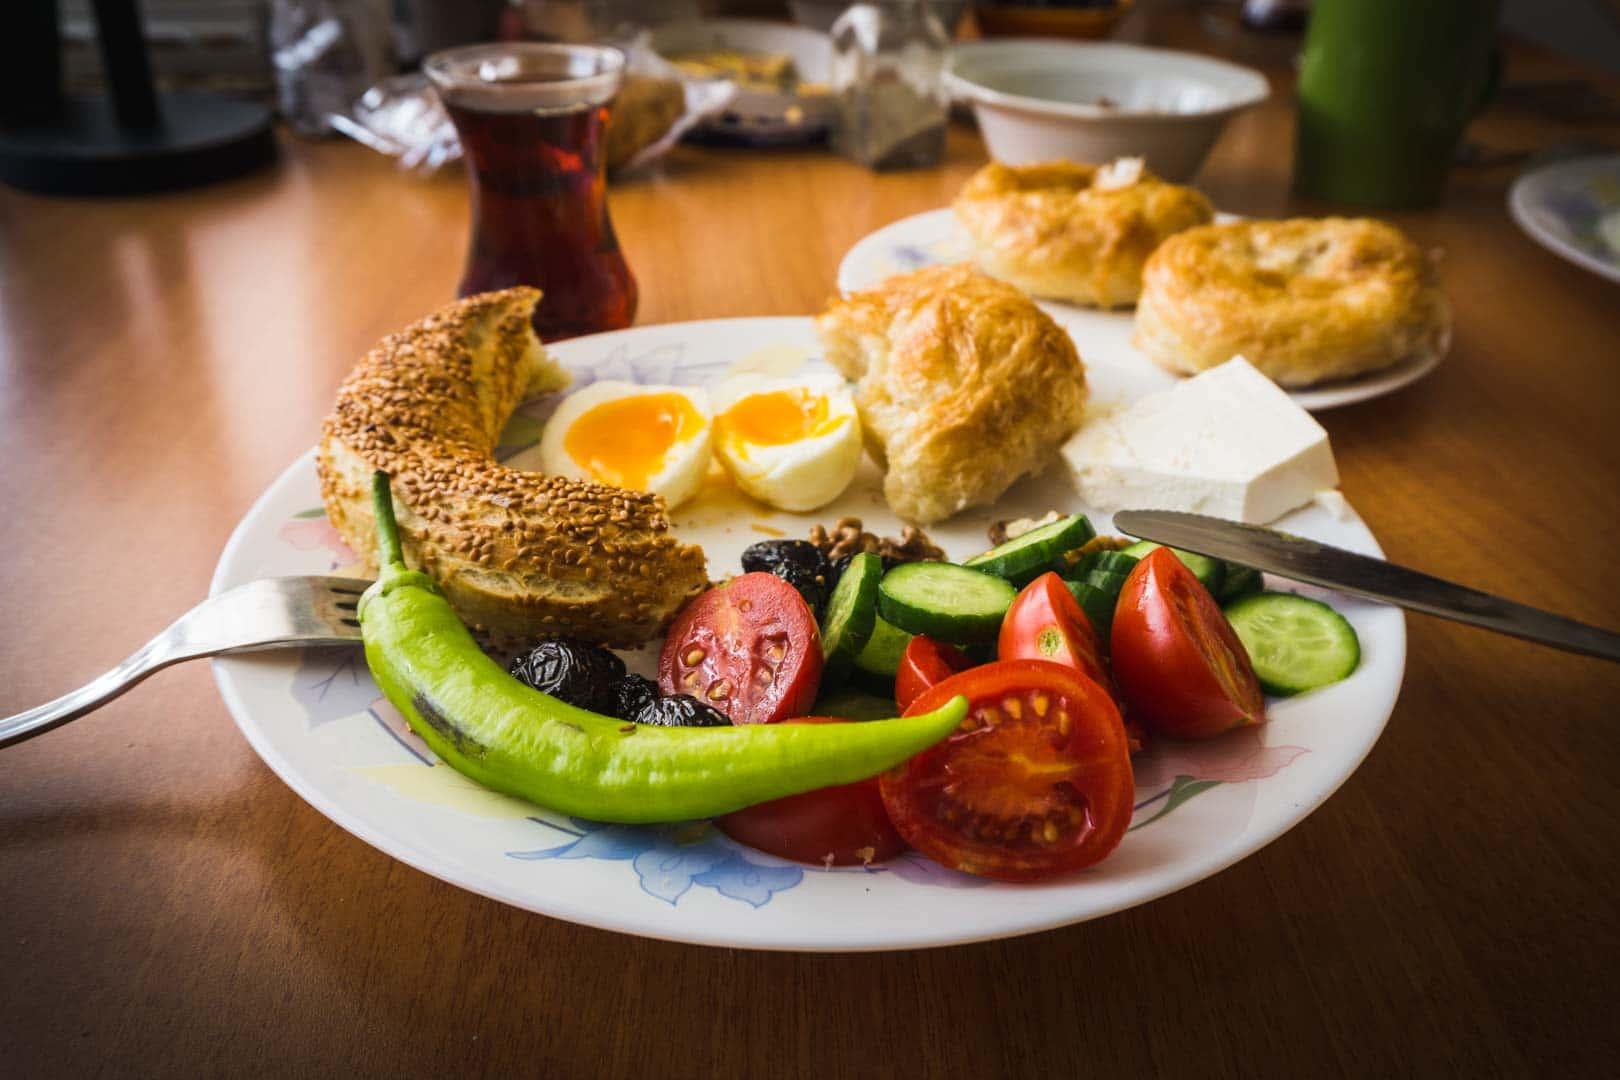 recettes turques serialhikers cook cuisine turquie turkish breakfast izmir